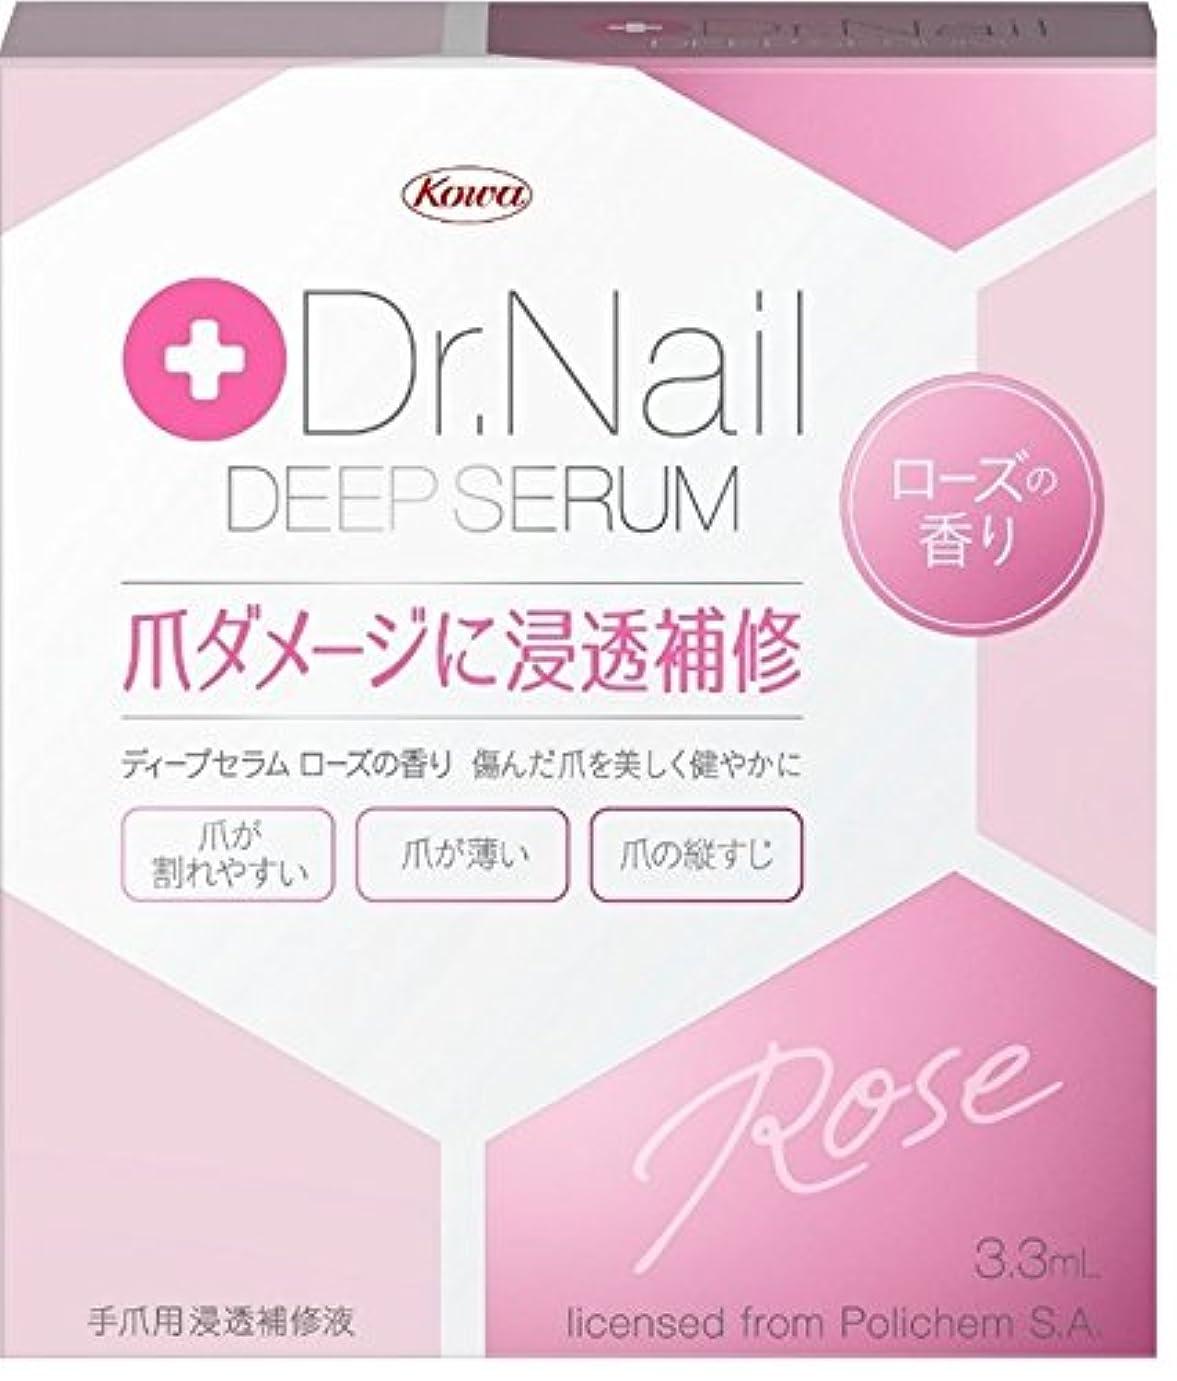 追い越す自分自身長方形興和(コーワ) Dr.Nail DEEP SERUM ドクターネイル ディープセラム 3.3ml ローズの香り